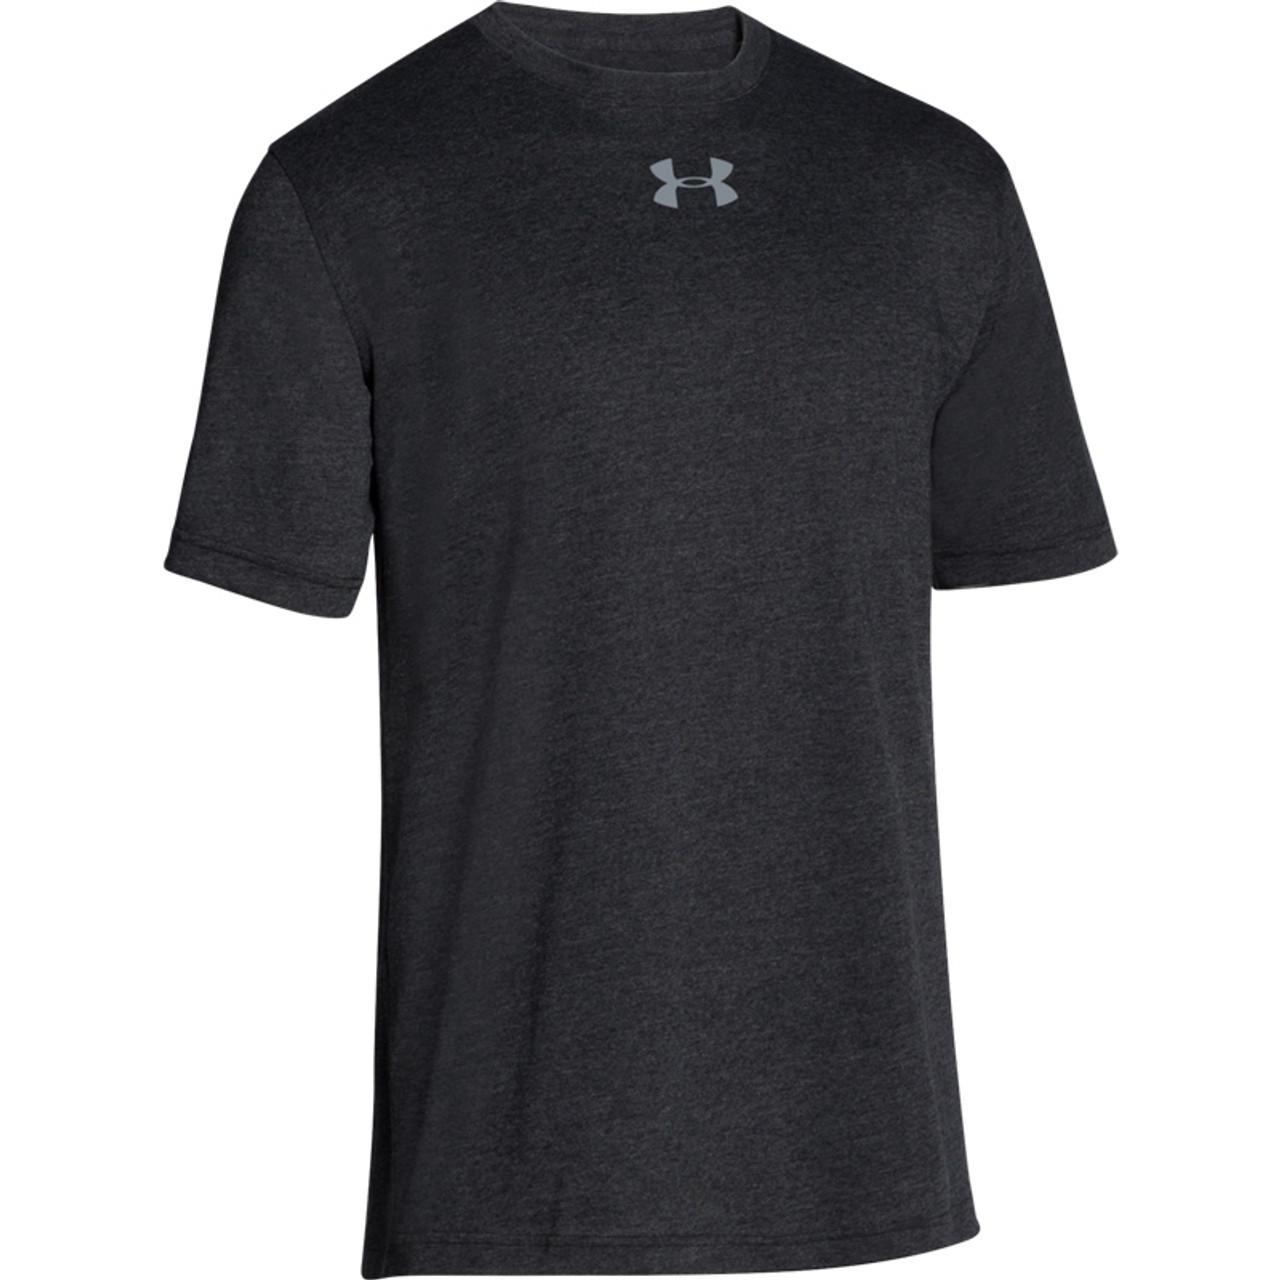 Under Armour Apparel Mens Sportstyle Colorblock T-Shirt Pick SZ//Color.